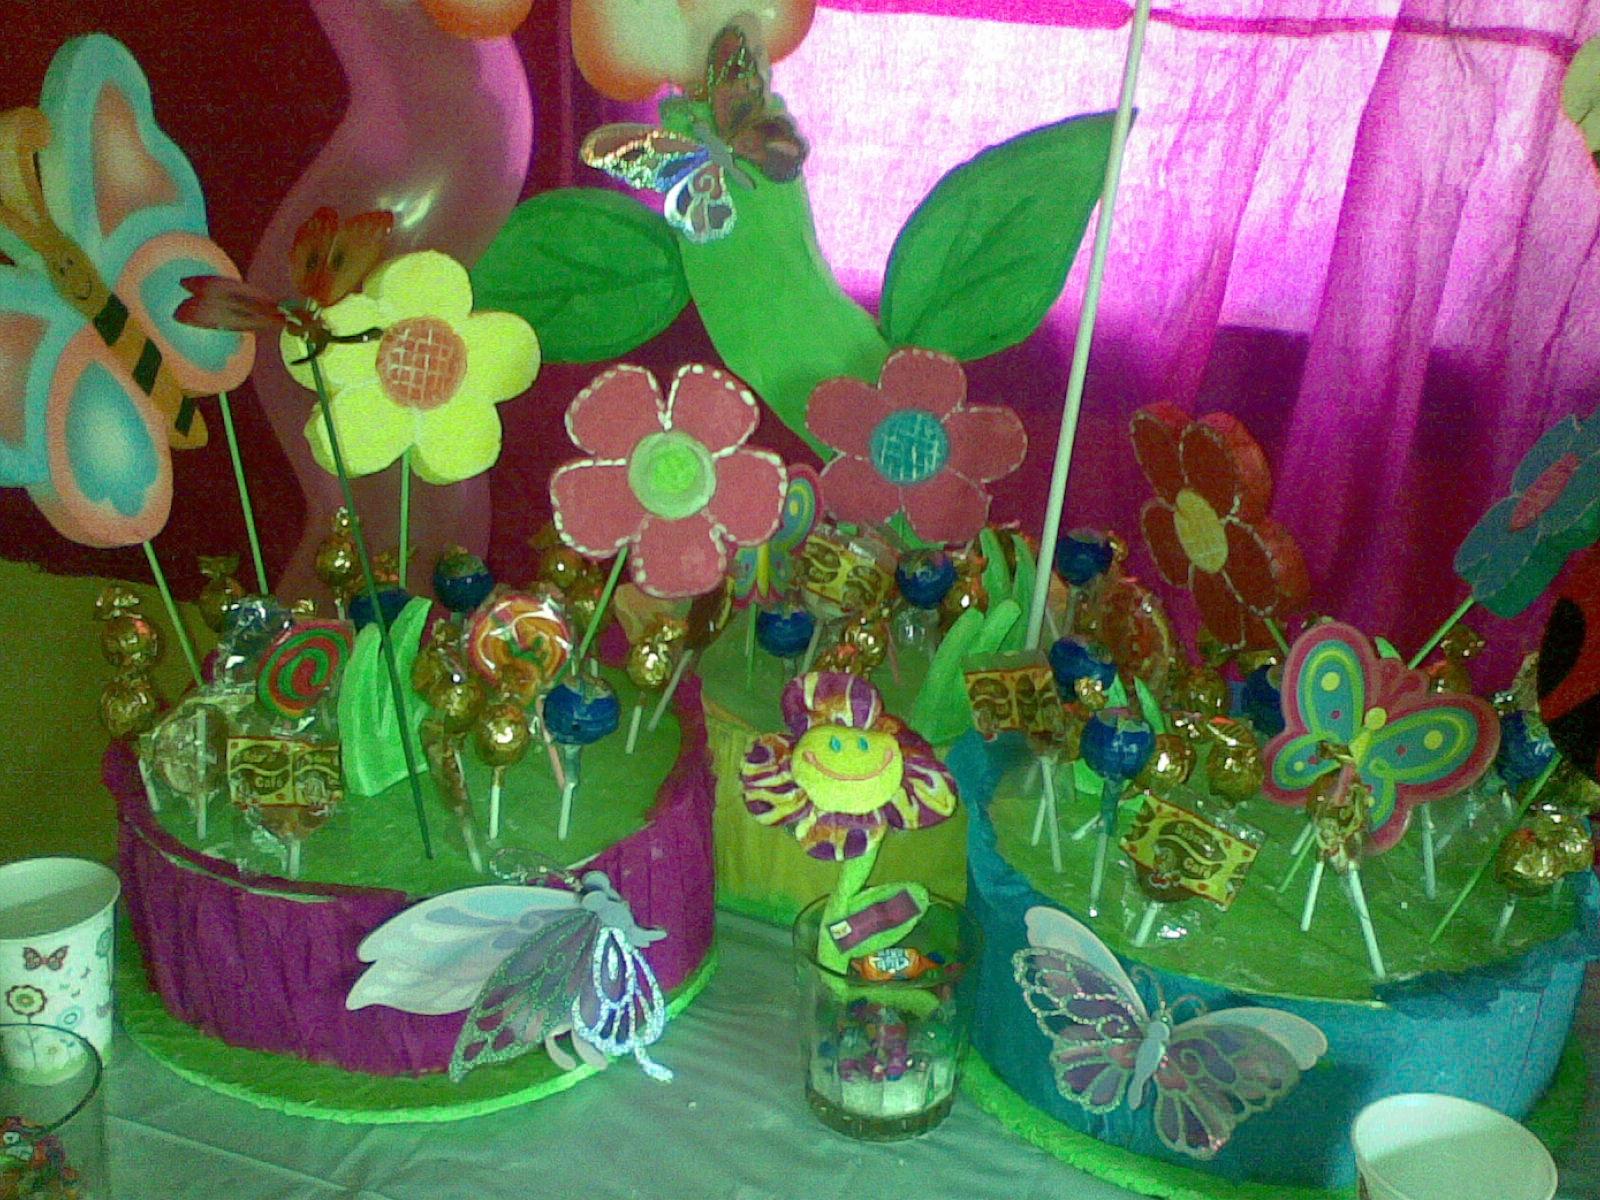 Decoraci n camila decoraciones infantiles y motivos de - Decoracion de cumpleanos infantiles ...